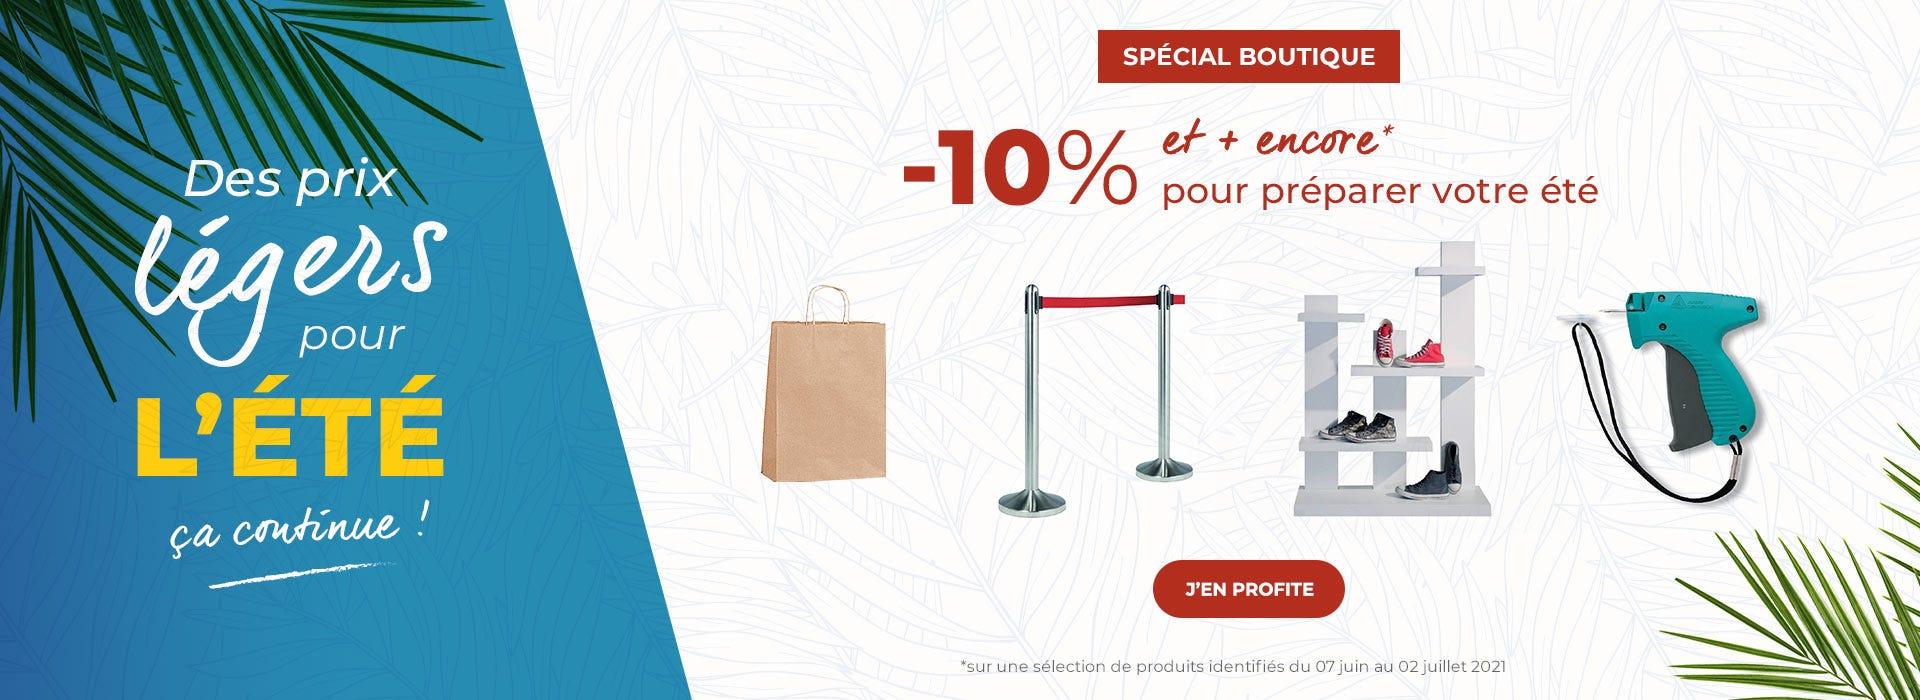 Offre -10% et + encore pour préparer vos soldes du 06 juin au 02 juillet 2021